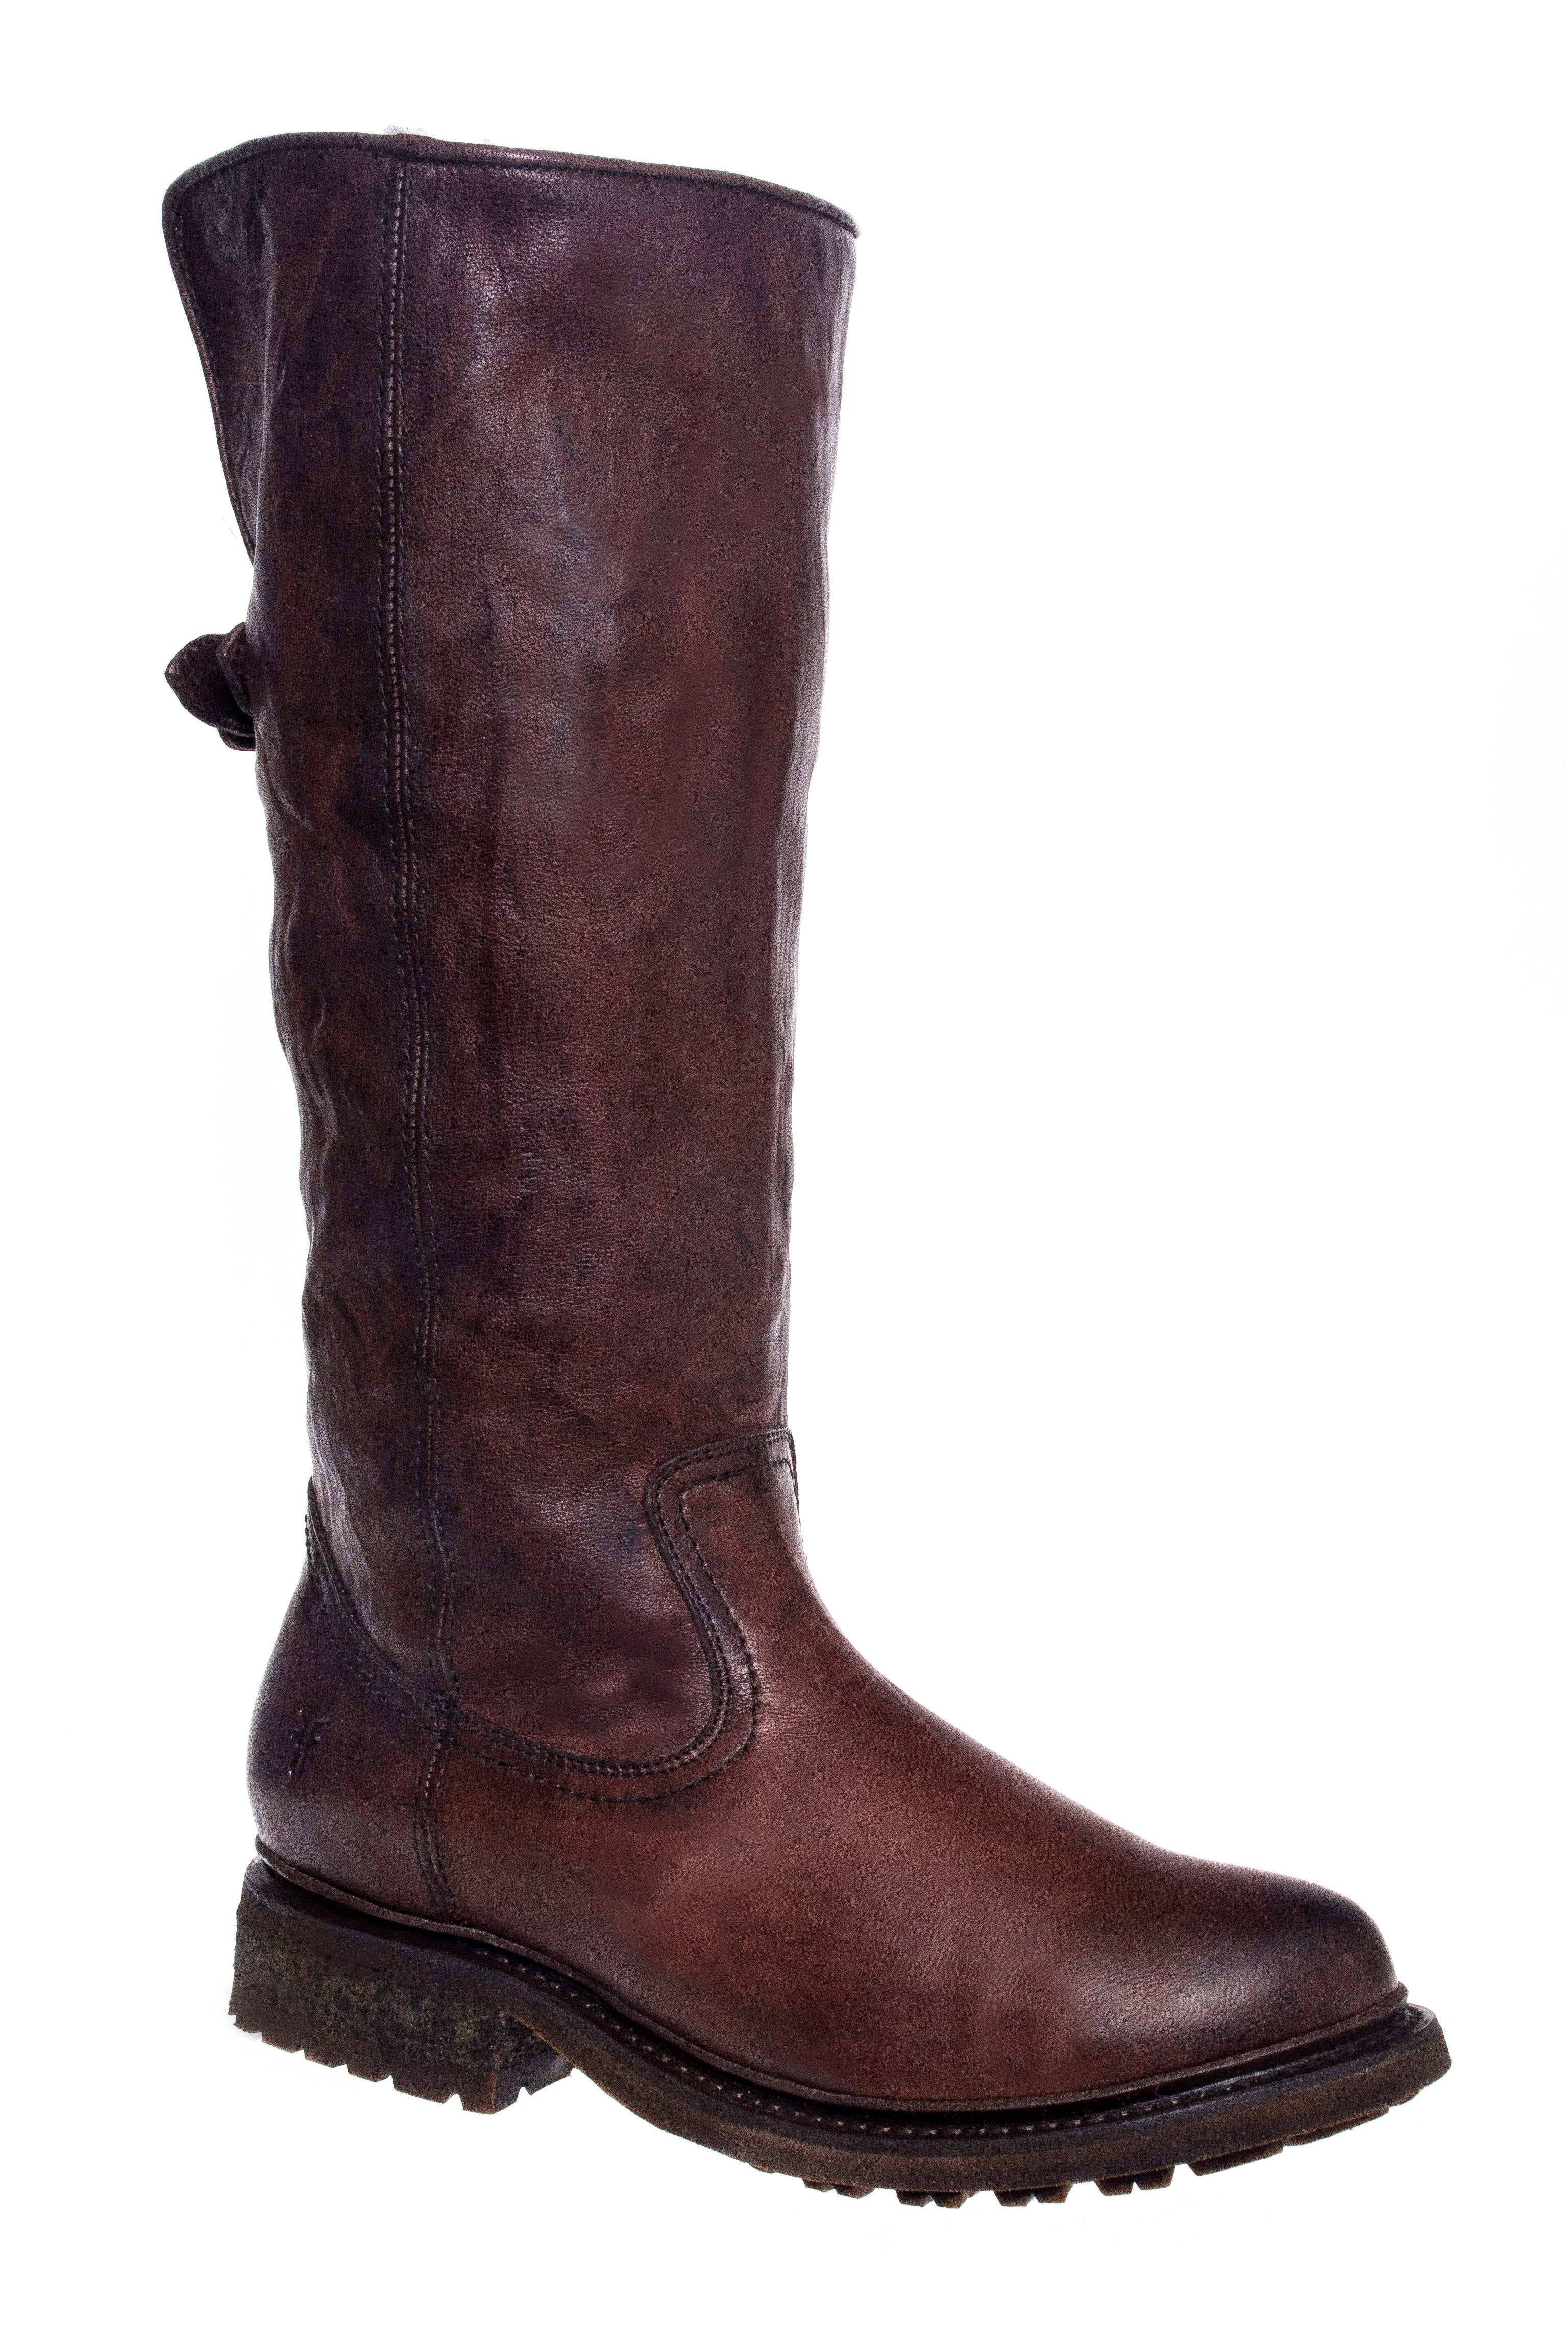 Frye Valerie Shearling Low Heel Boots - Dark Brown